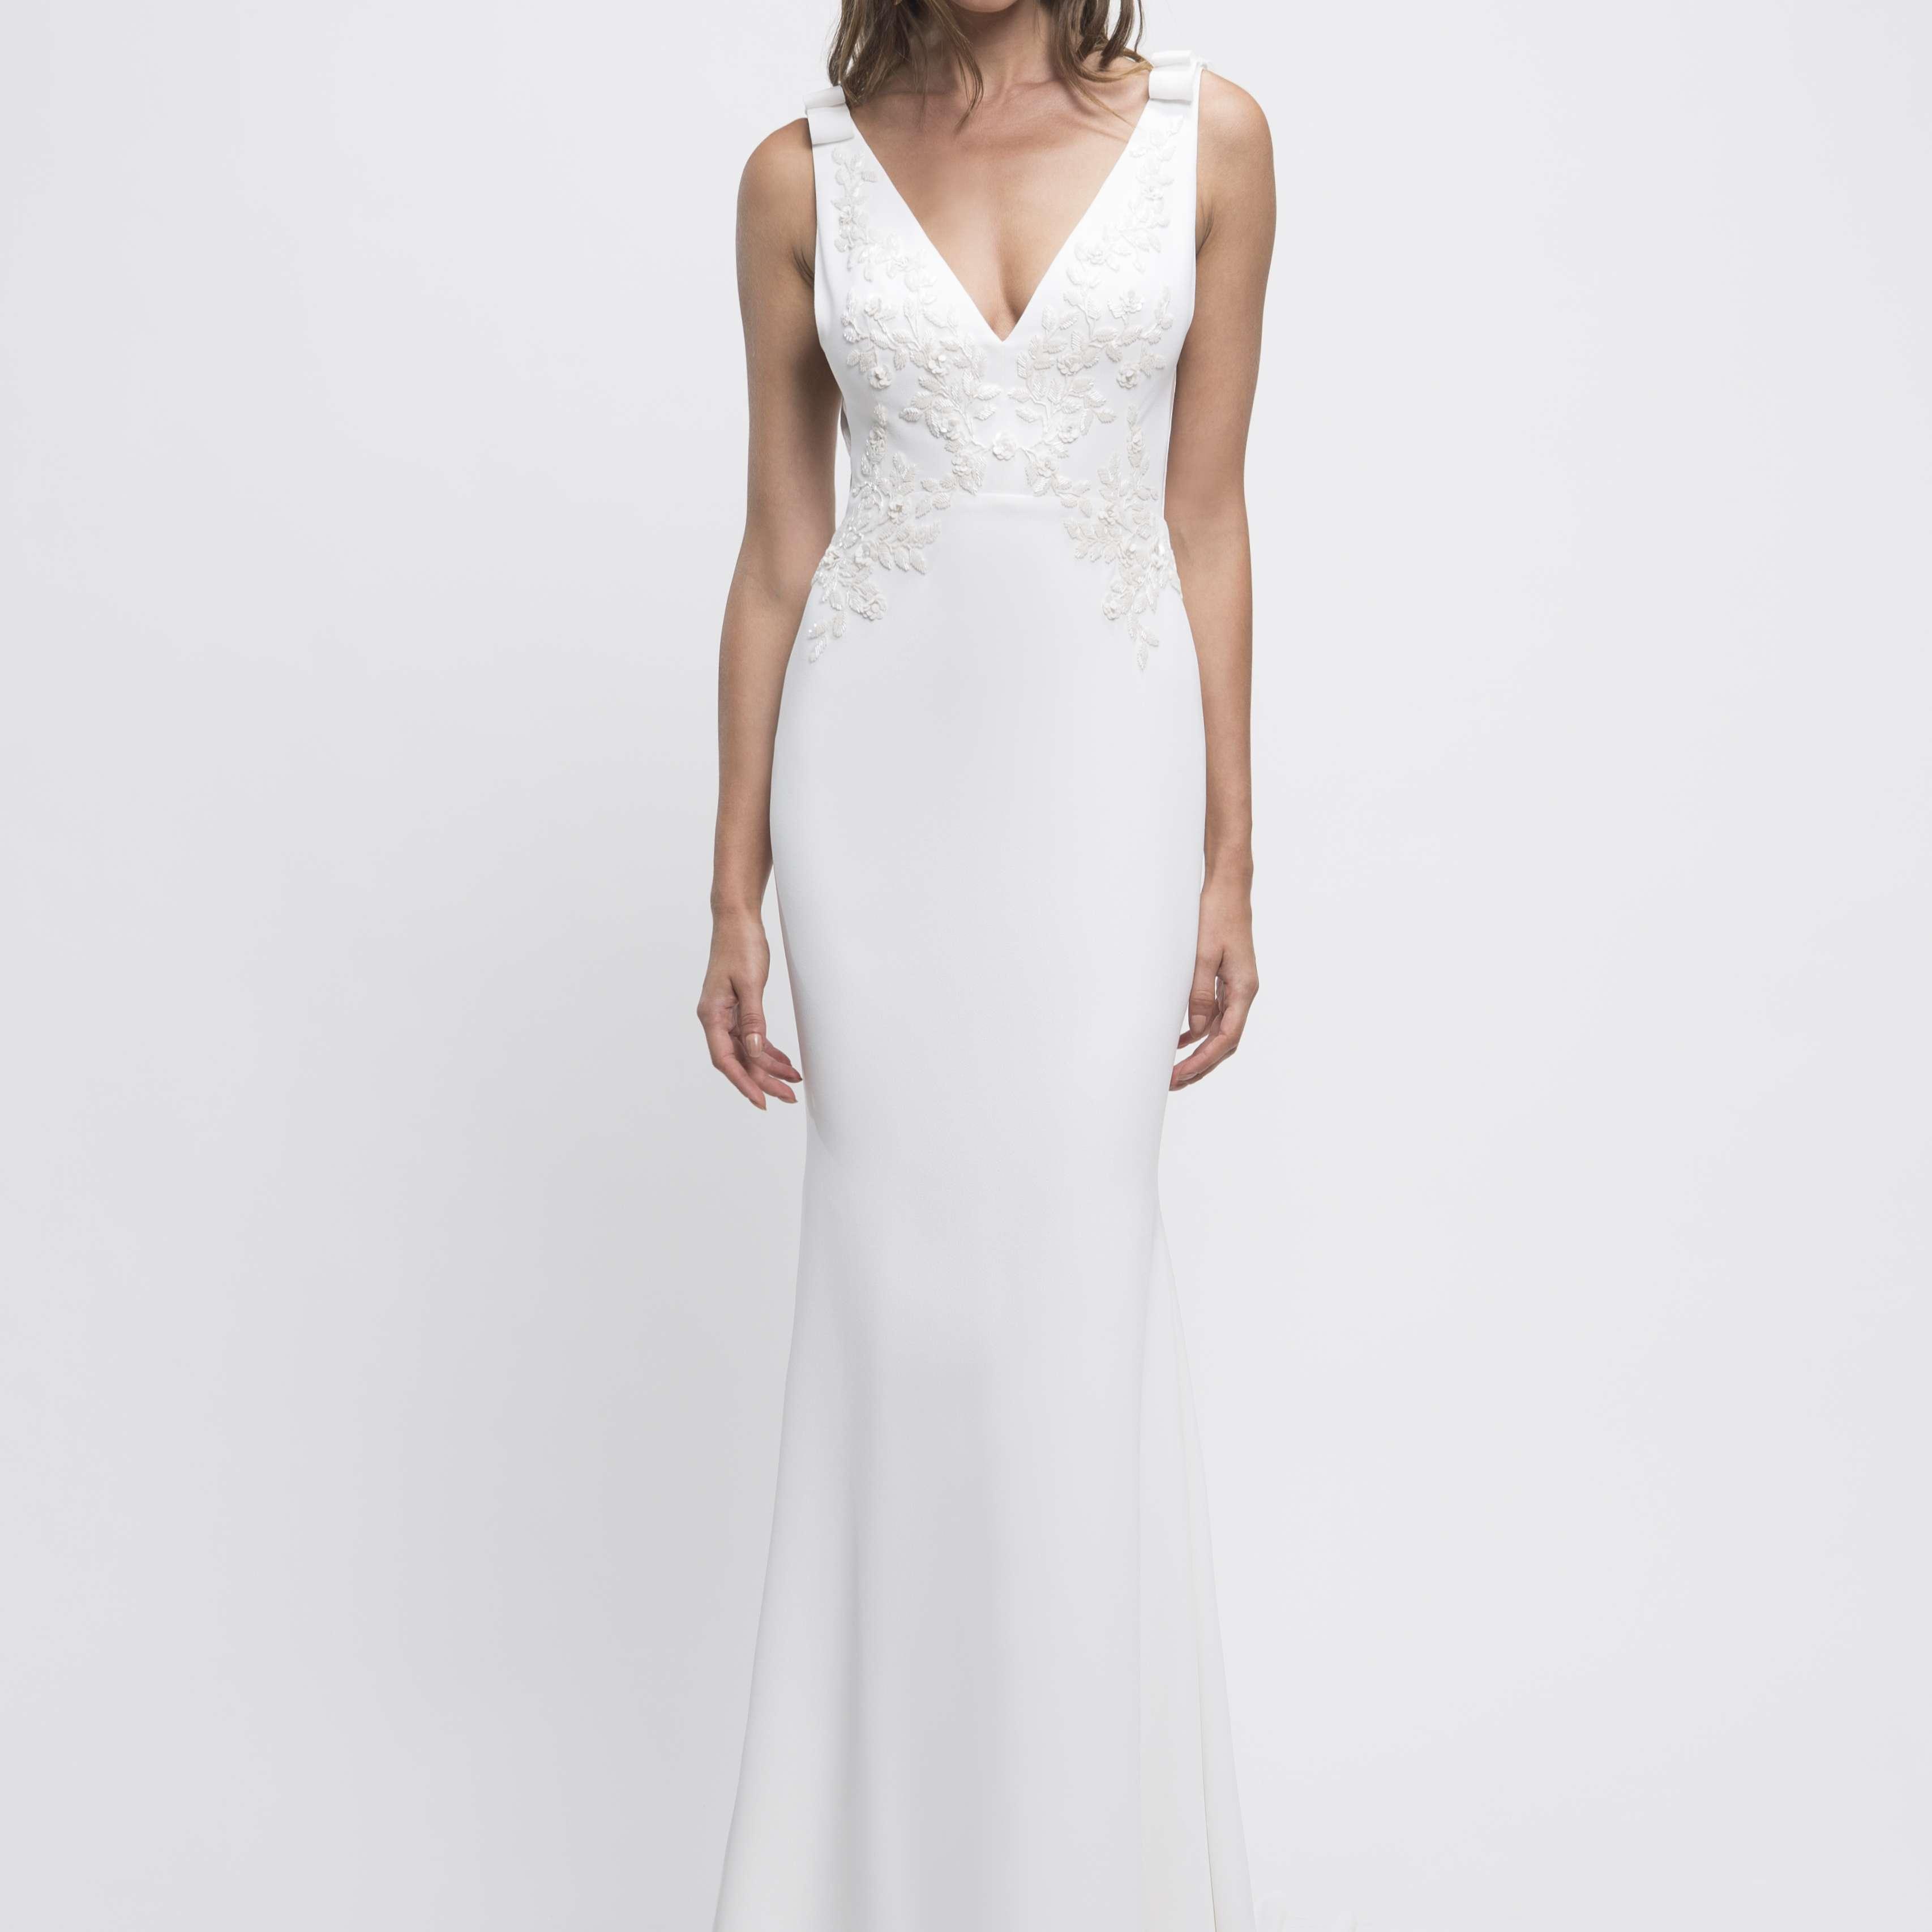 Sheyna wedding dress